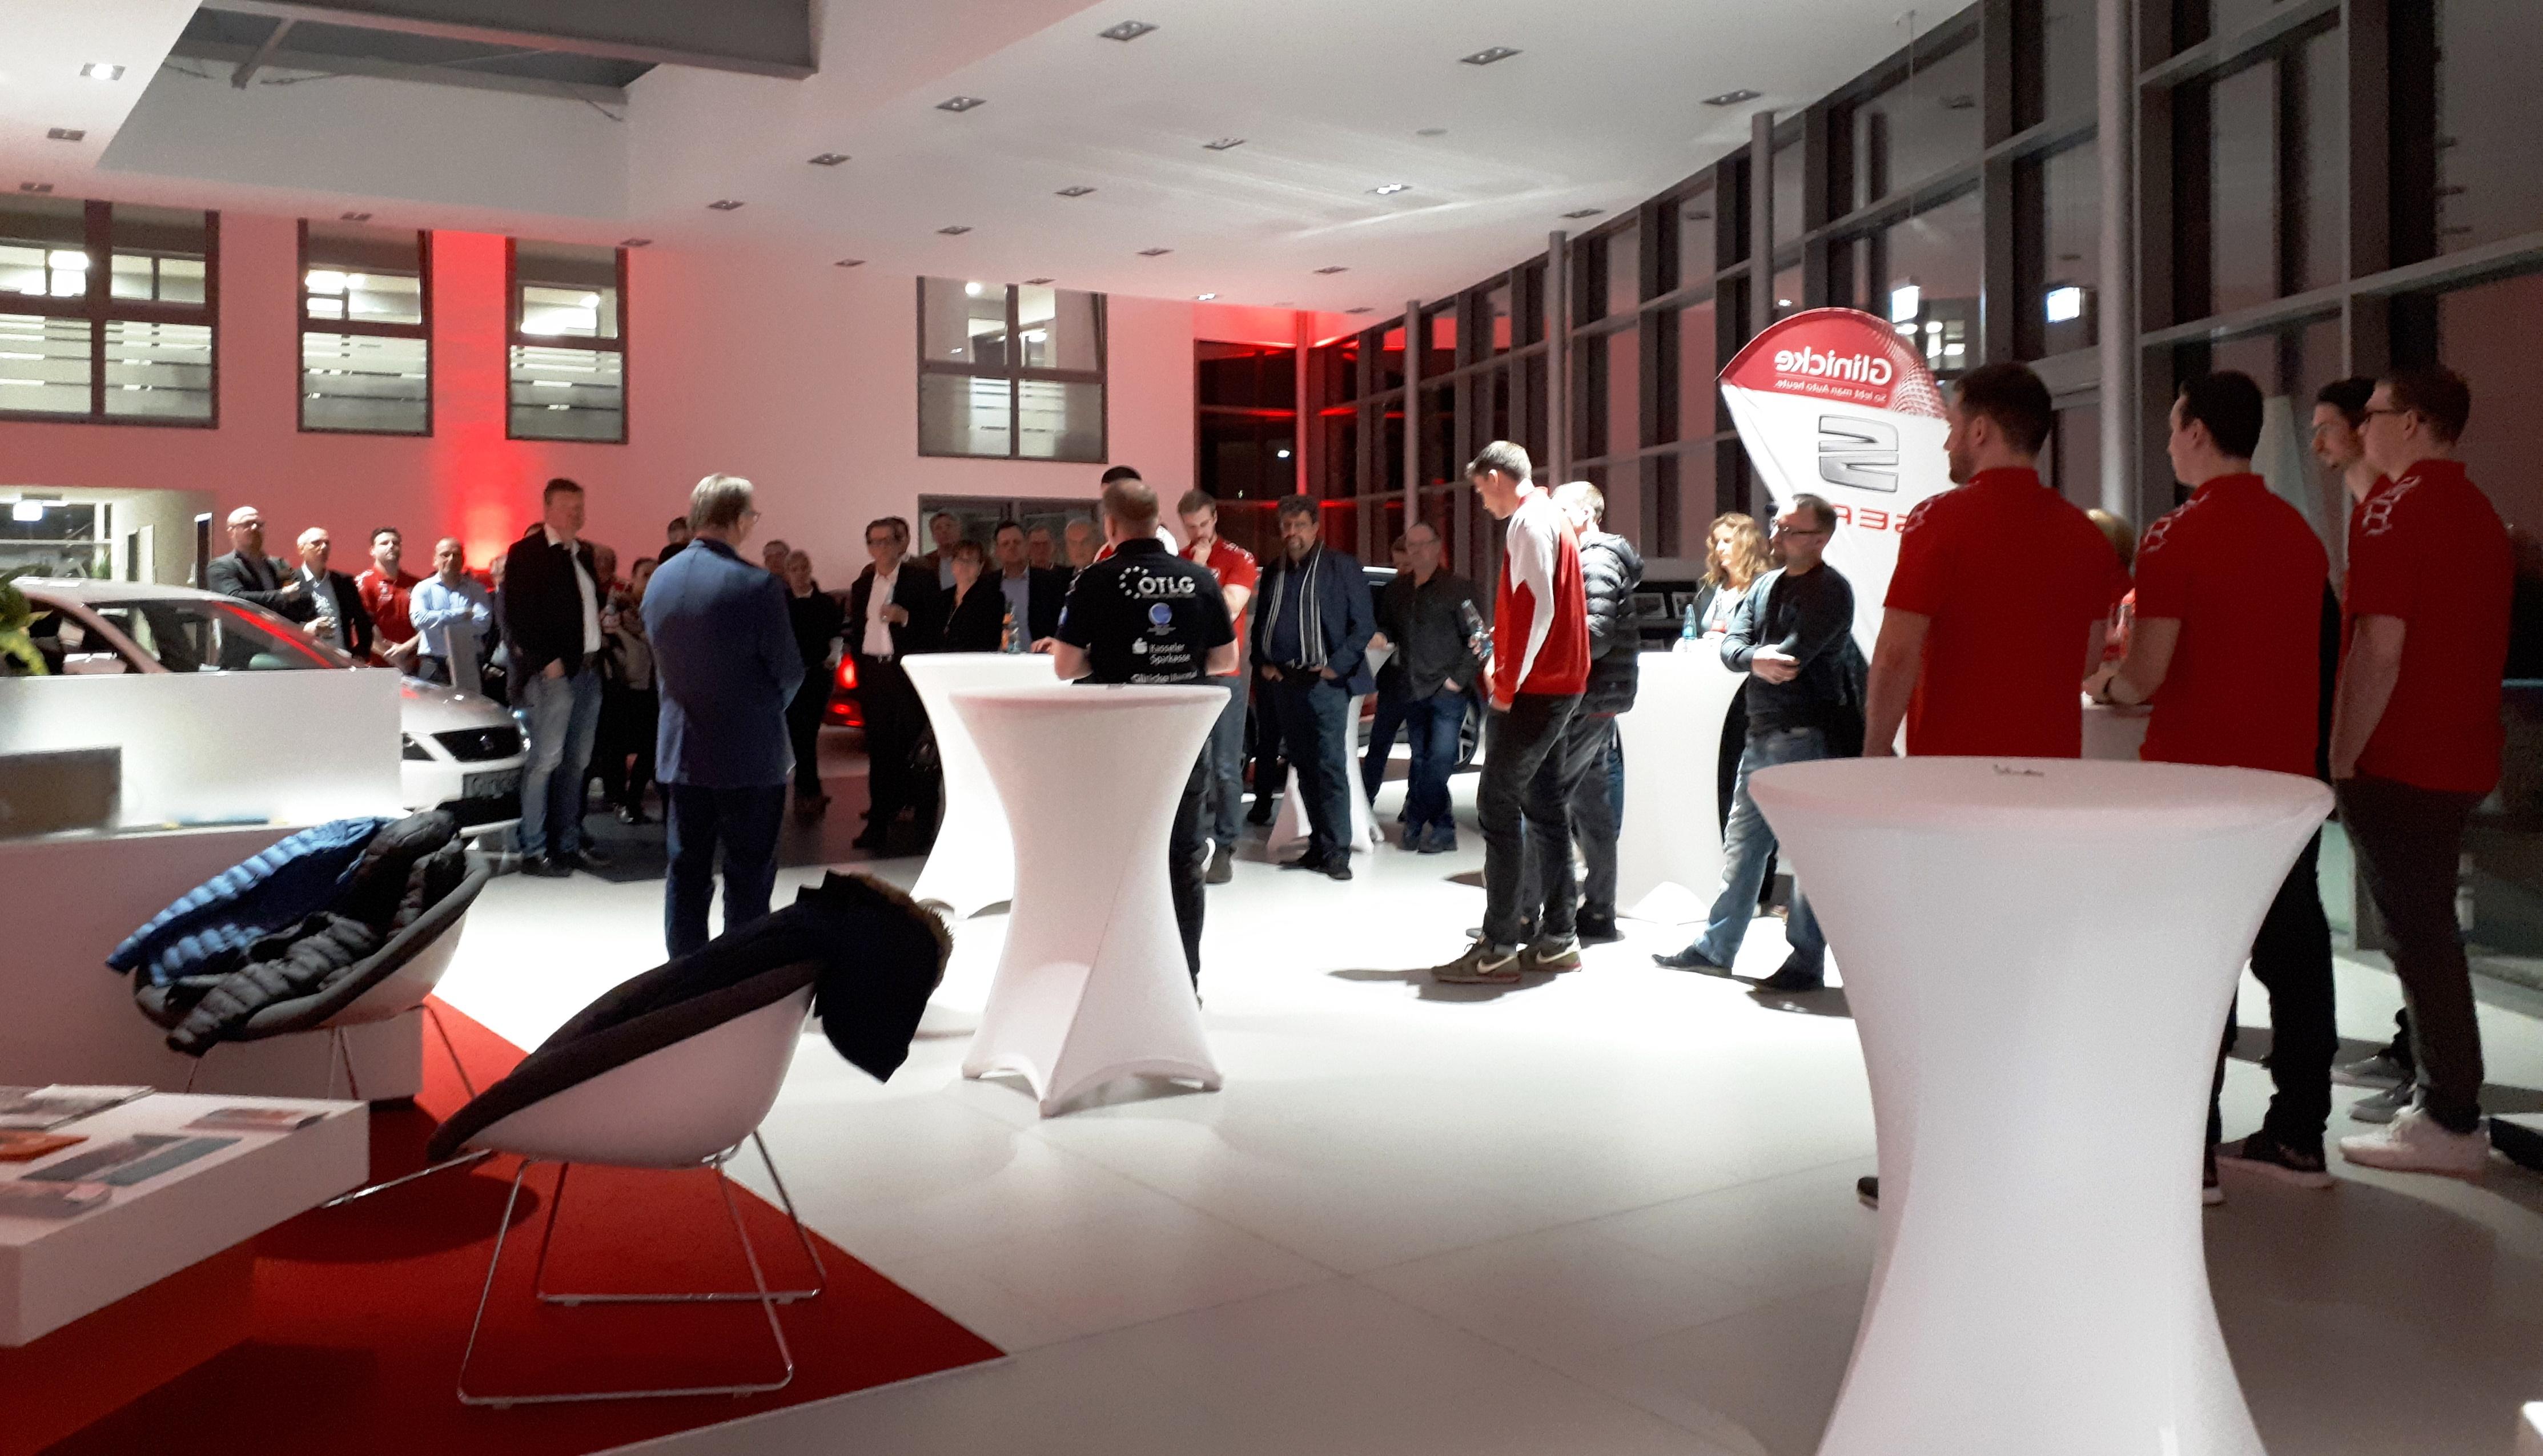 Sponsorenabend der Handballer der GSV Eintracht Baunatal in den neuen Räumen vom Autohaus Glinicke in Baunatal.